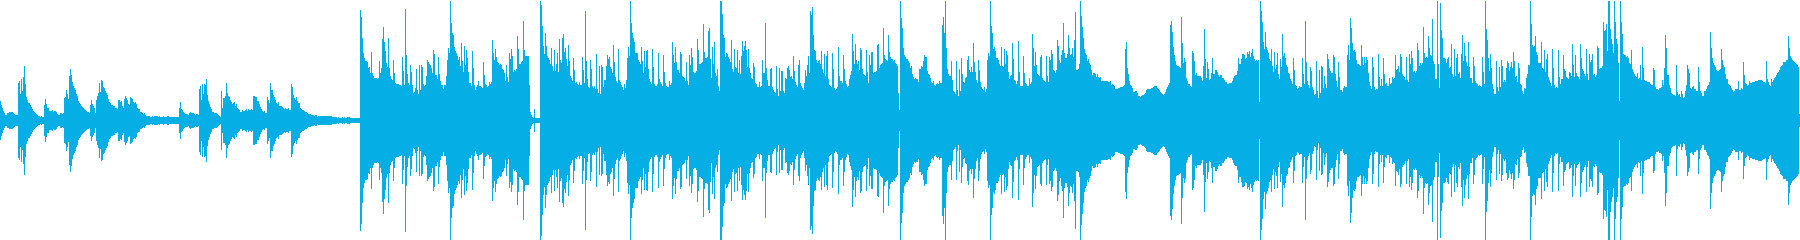 カフェ・日常・不穏なピアノ ループ可Sの再生済みの波形